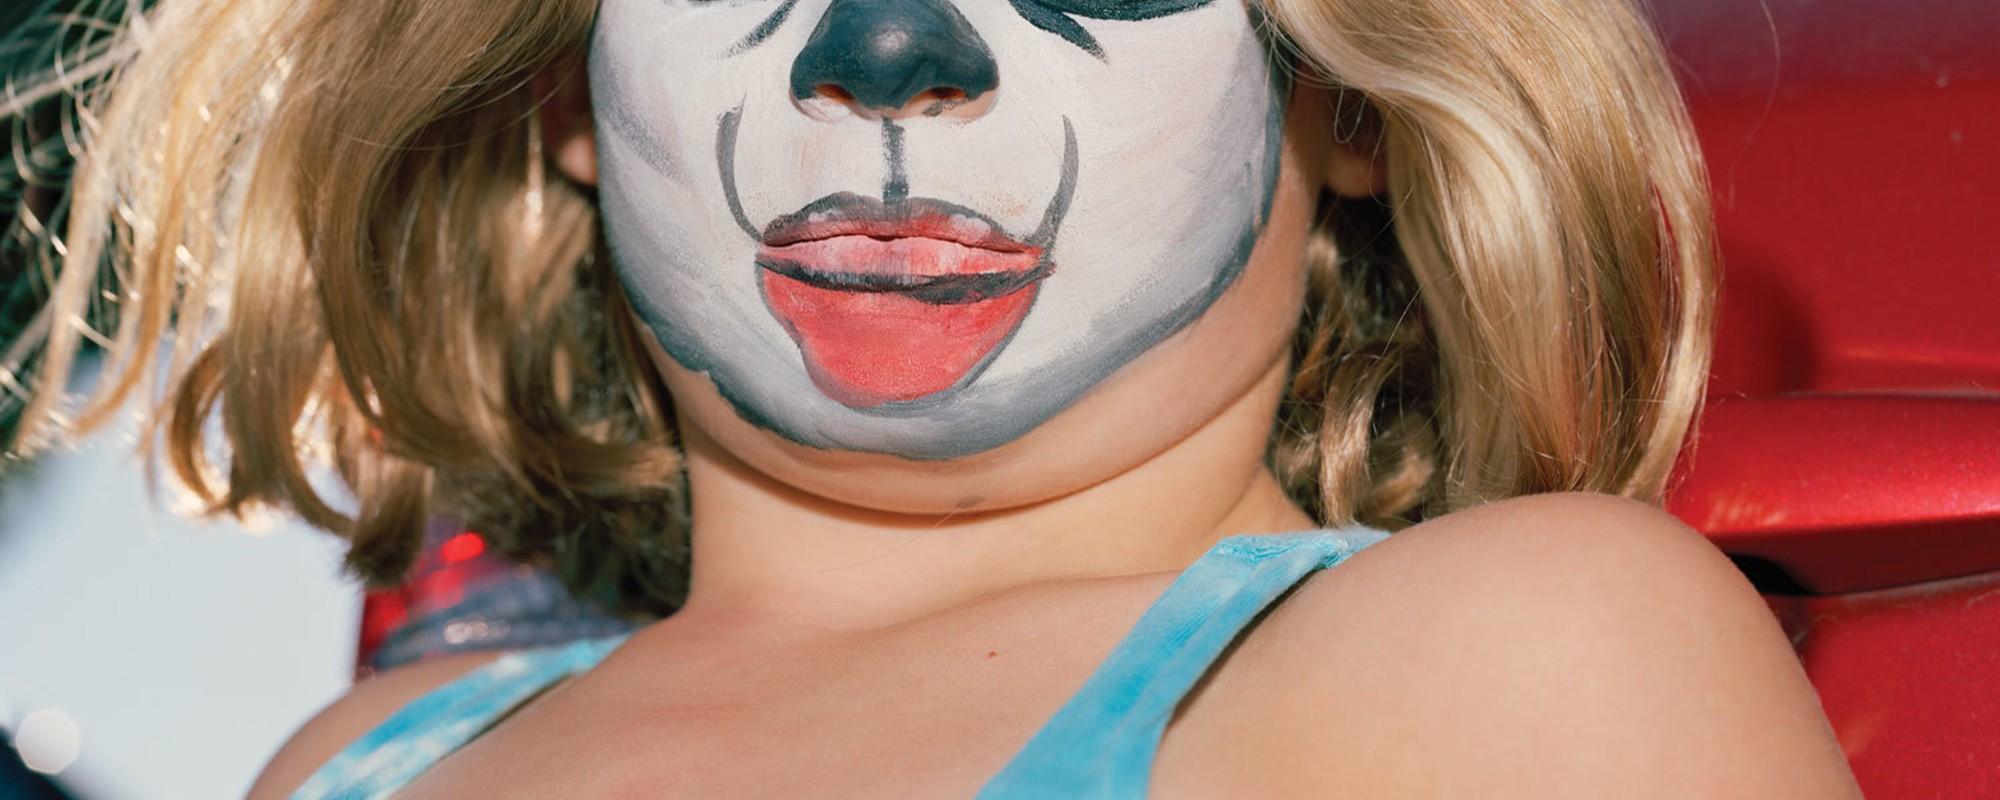 Os retratos de Eva O'Leary são um exame pessoal às questões de identidade e experiência